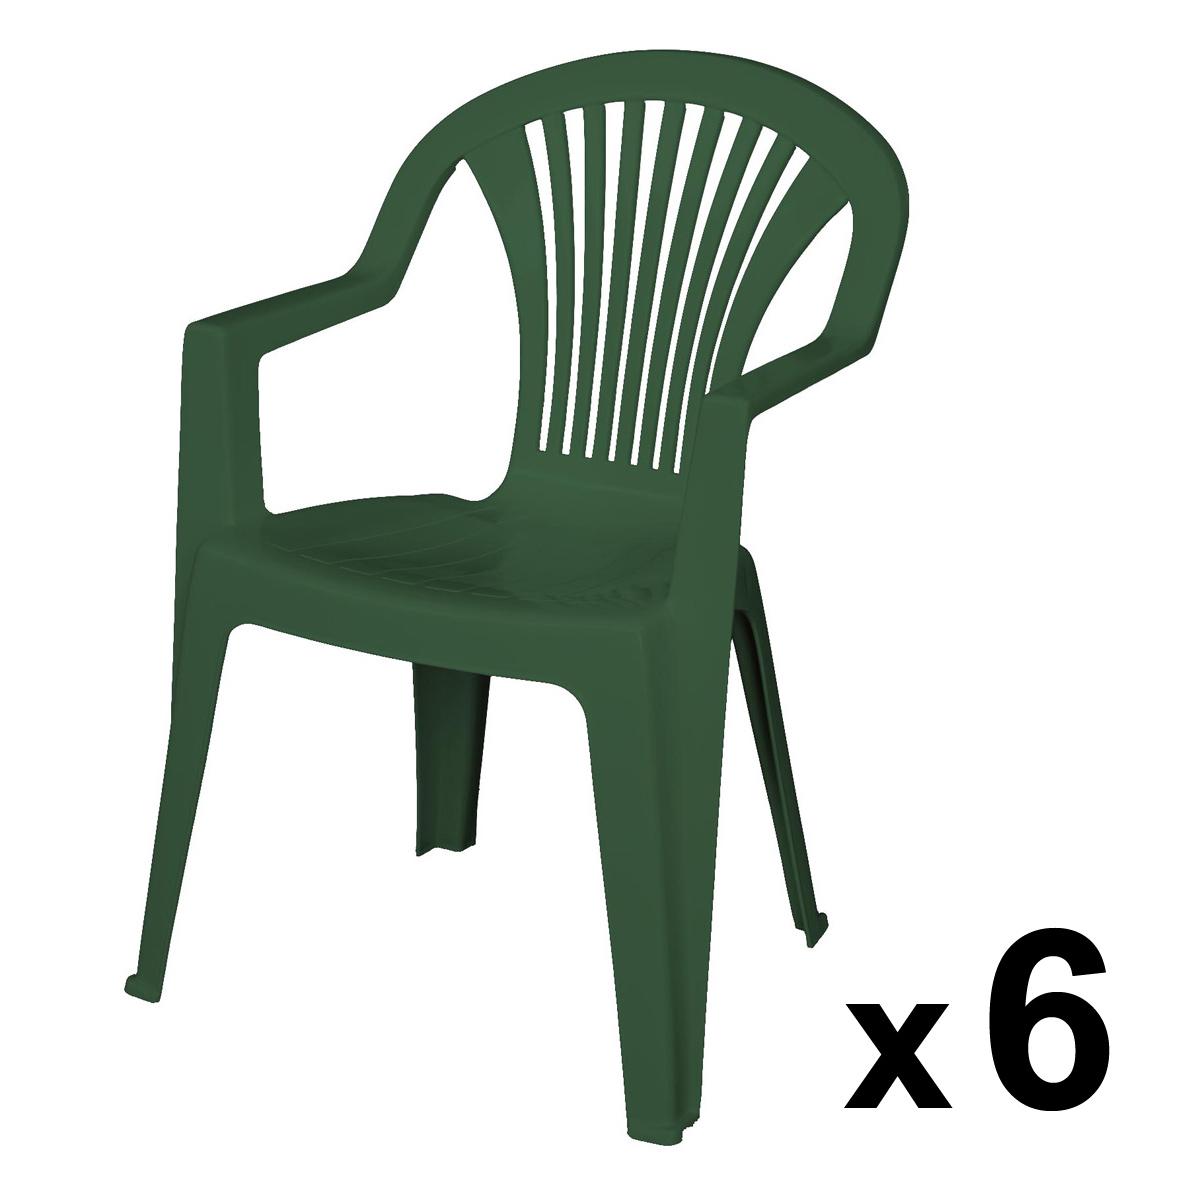 Jardin Chaise Veranda Plastique De Vert 2WD9EHIeY